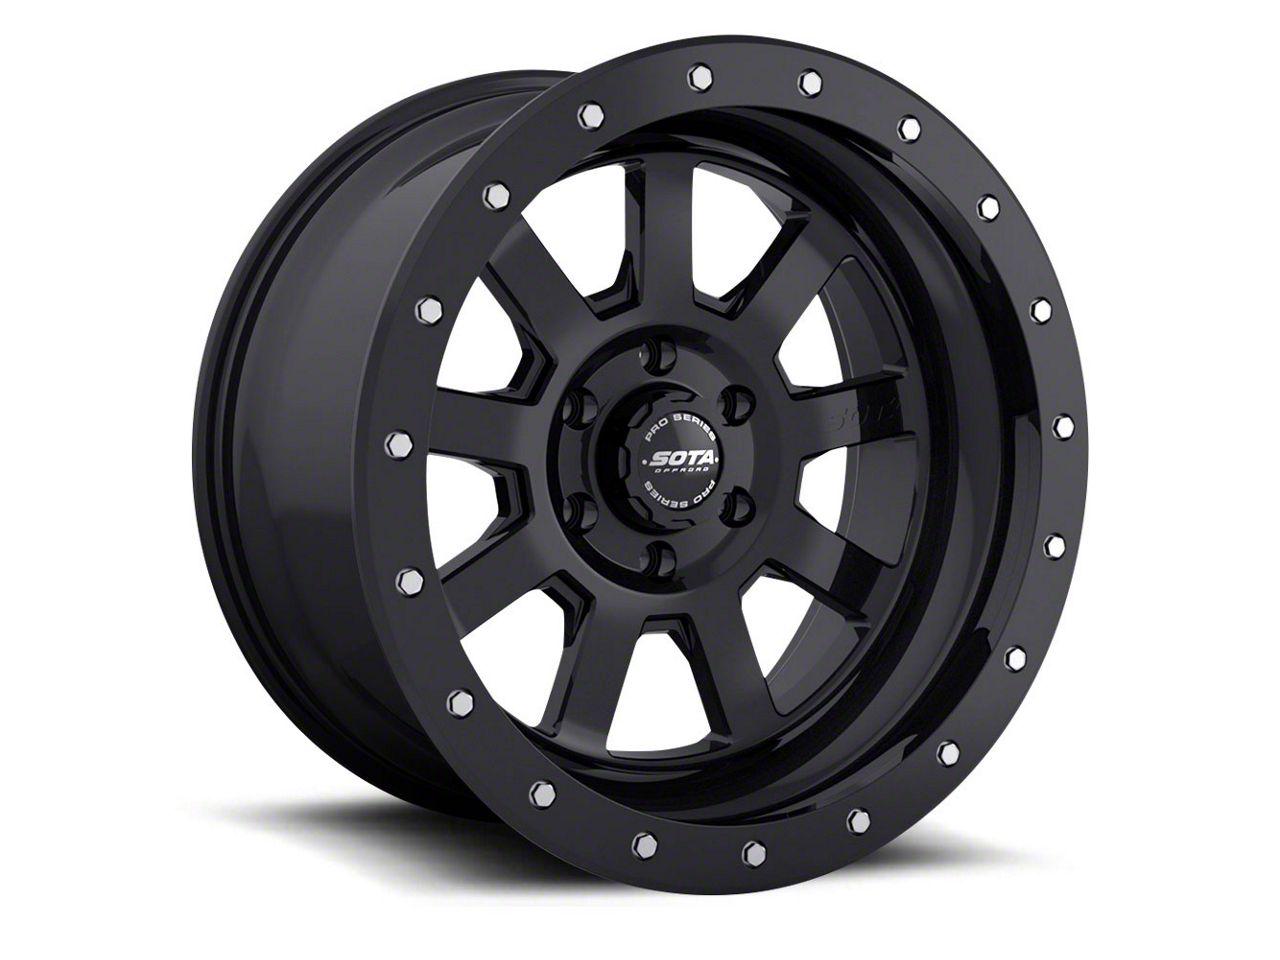 SOTA Off Road S.S.D. Stealth Black 5-Lug Wheel - 20x10 (02-18 RAM 1500, Excluding Mega Cab)